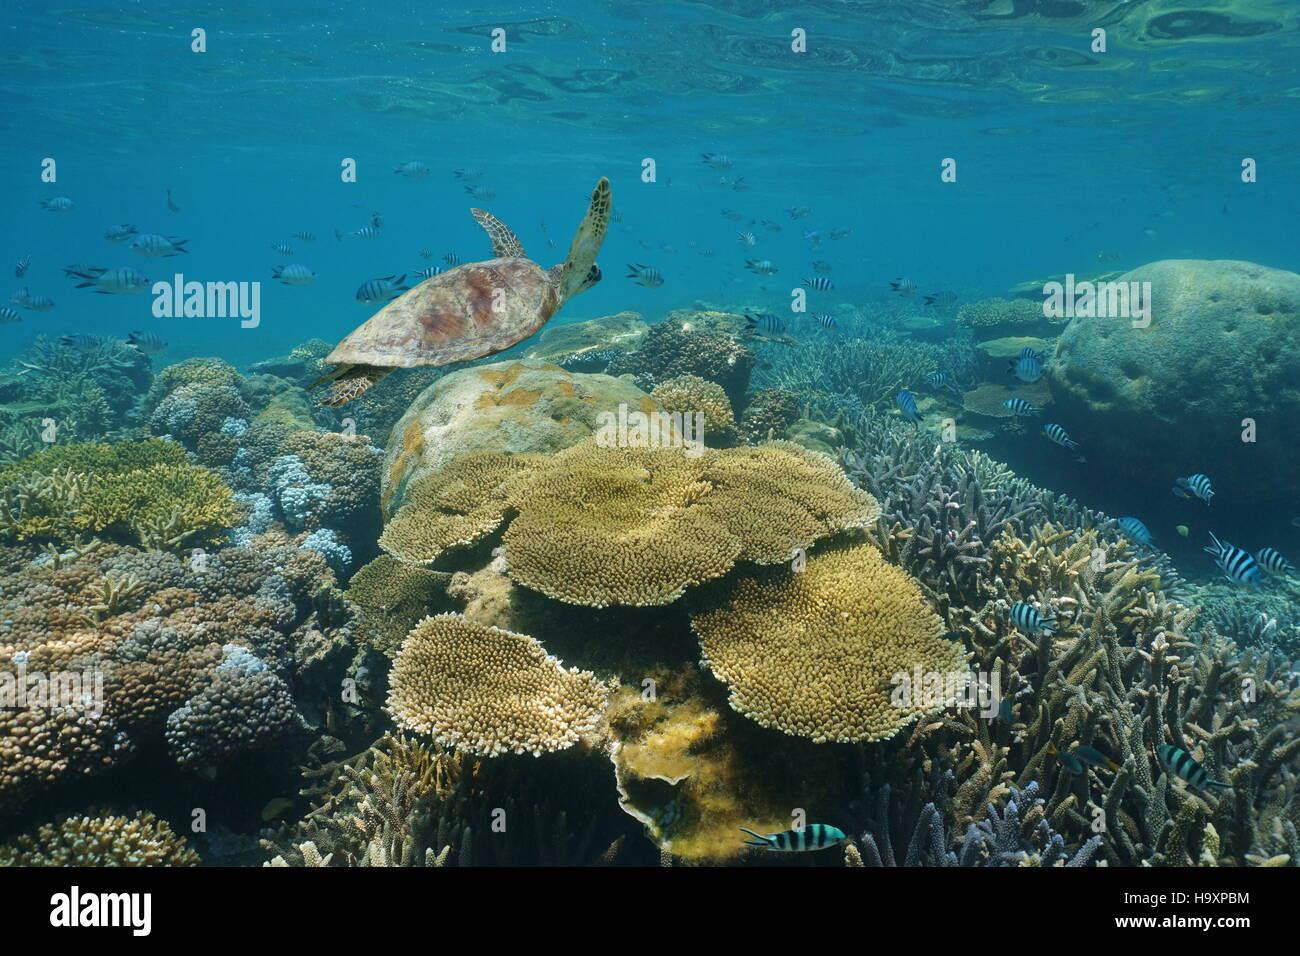 Sous-marine des récifs coralliens peu profonds avec une tortue de mer verte et poisson, Nouvelle Calédonie, Photo Stock